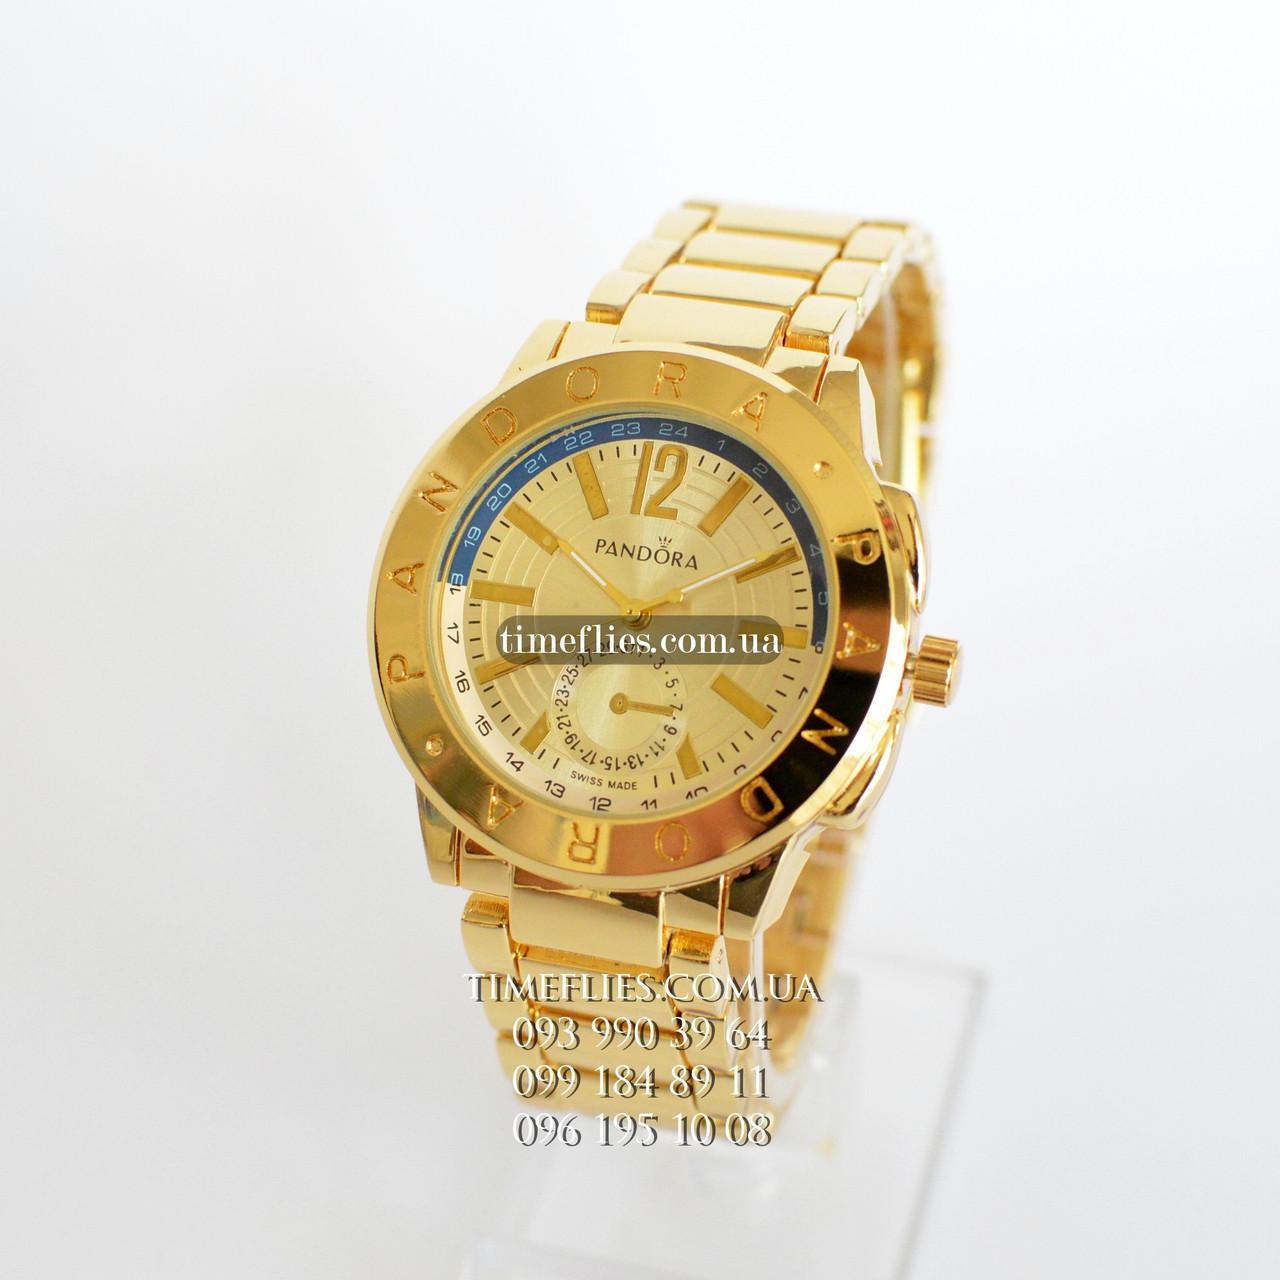 Pandora №28 Кварцевые женские часы